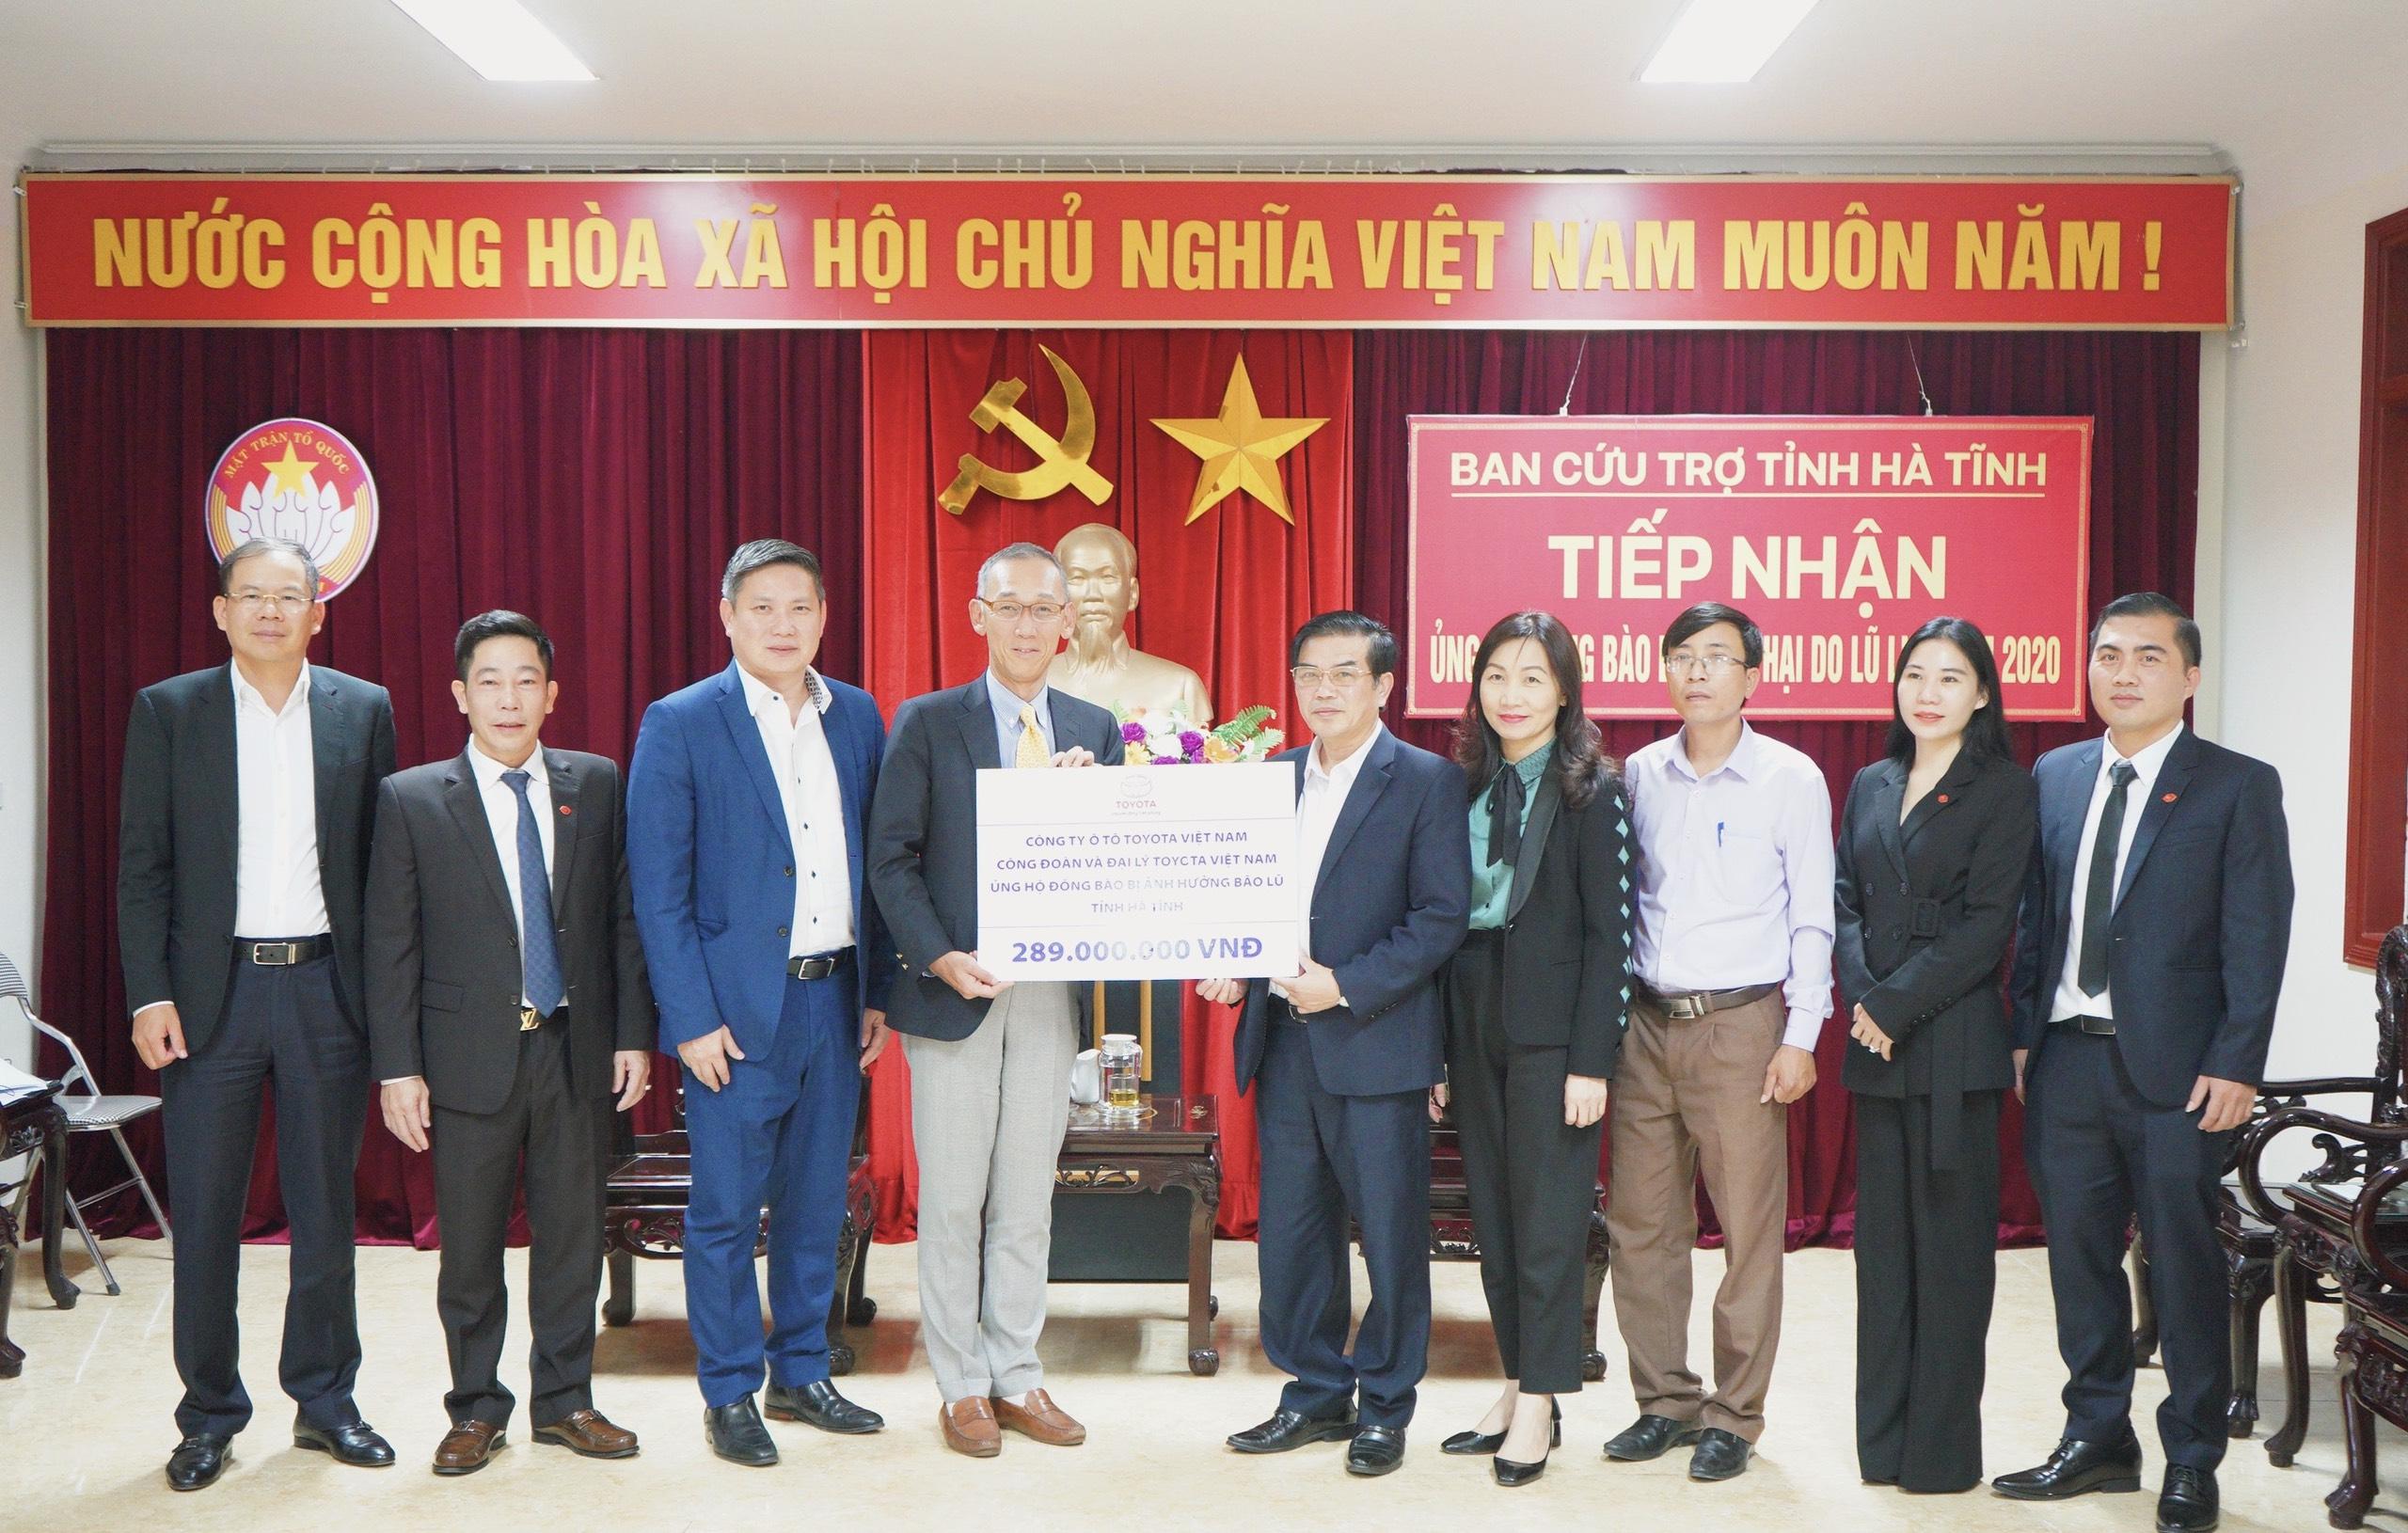 Công ty Ô tô Toyota Việt Nam hỗ trợ gia đình vùng lũ Hà Tĩnh 289 triệu đồng  khắc phục khó khăn sau lũ